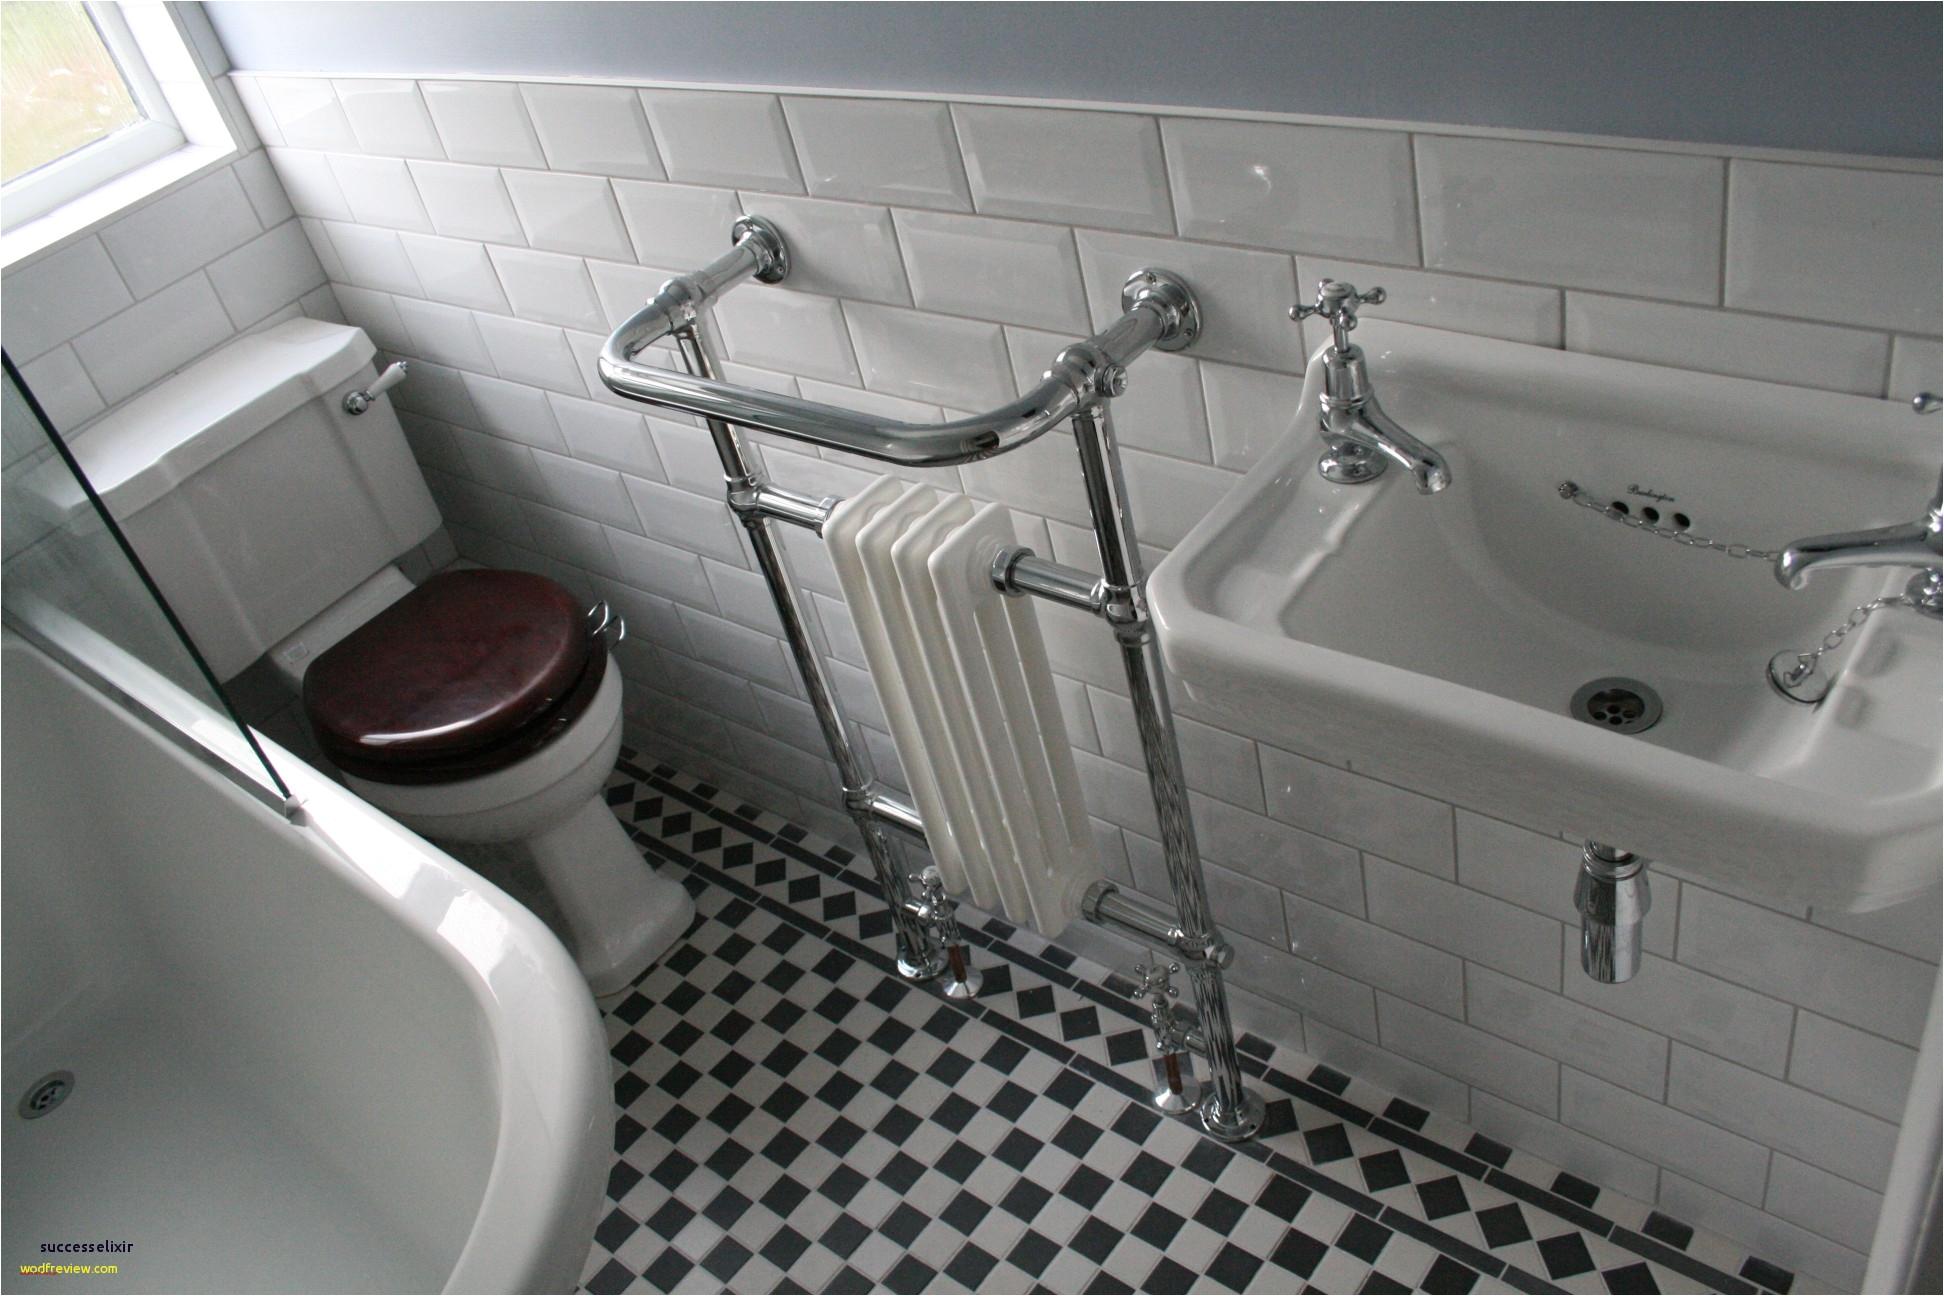 25 Best Luxury Bathroom Designs Gallery